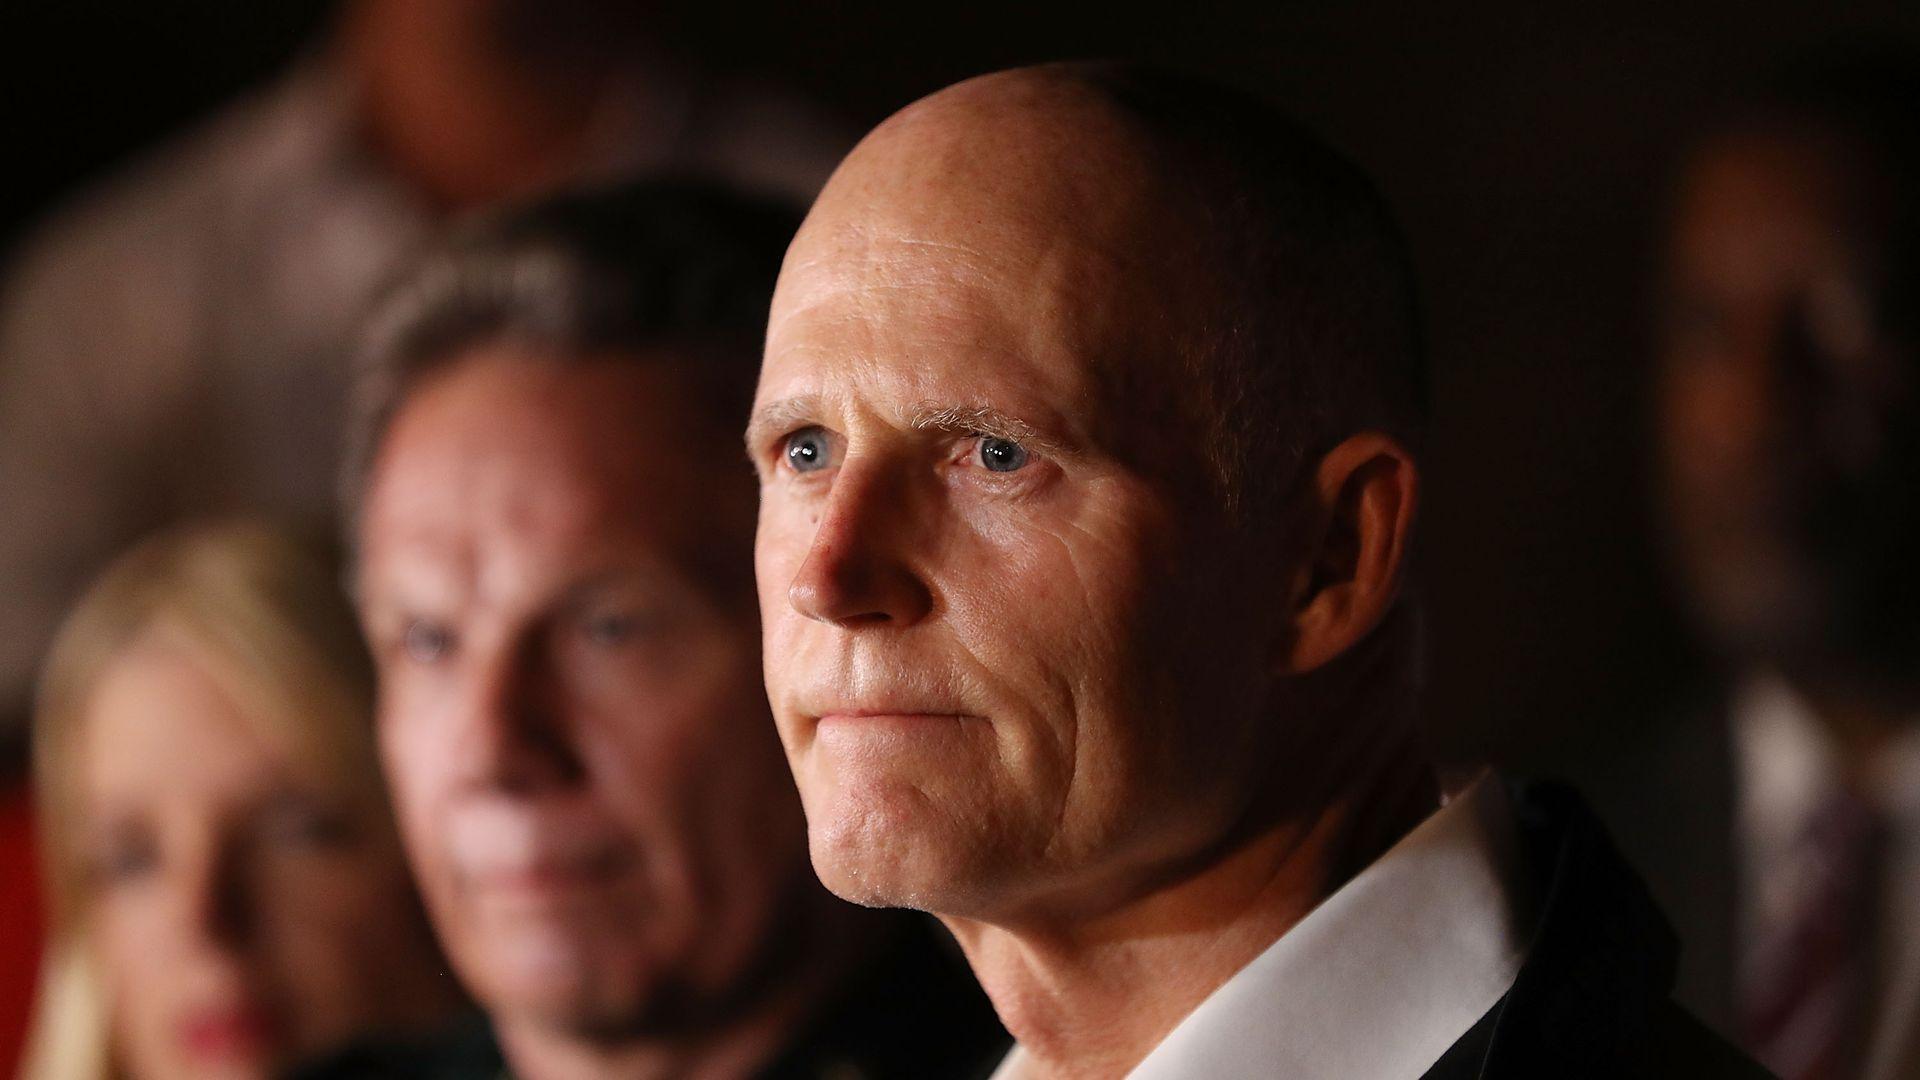 Florida Supreme Court rules Rick Scott cannot fill judicial vacancies